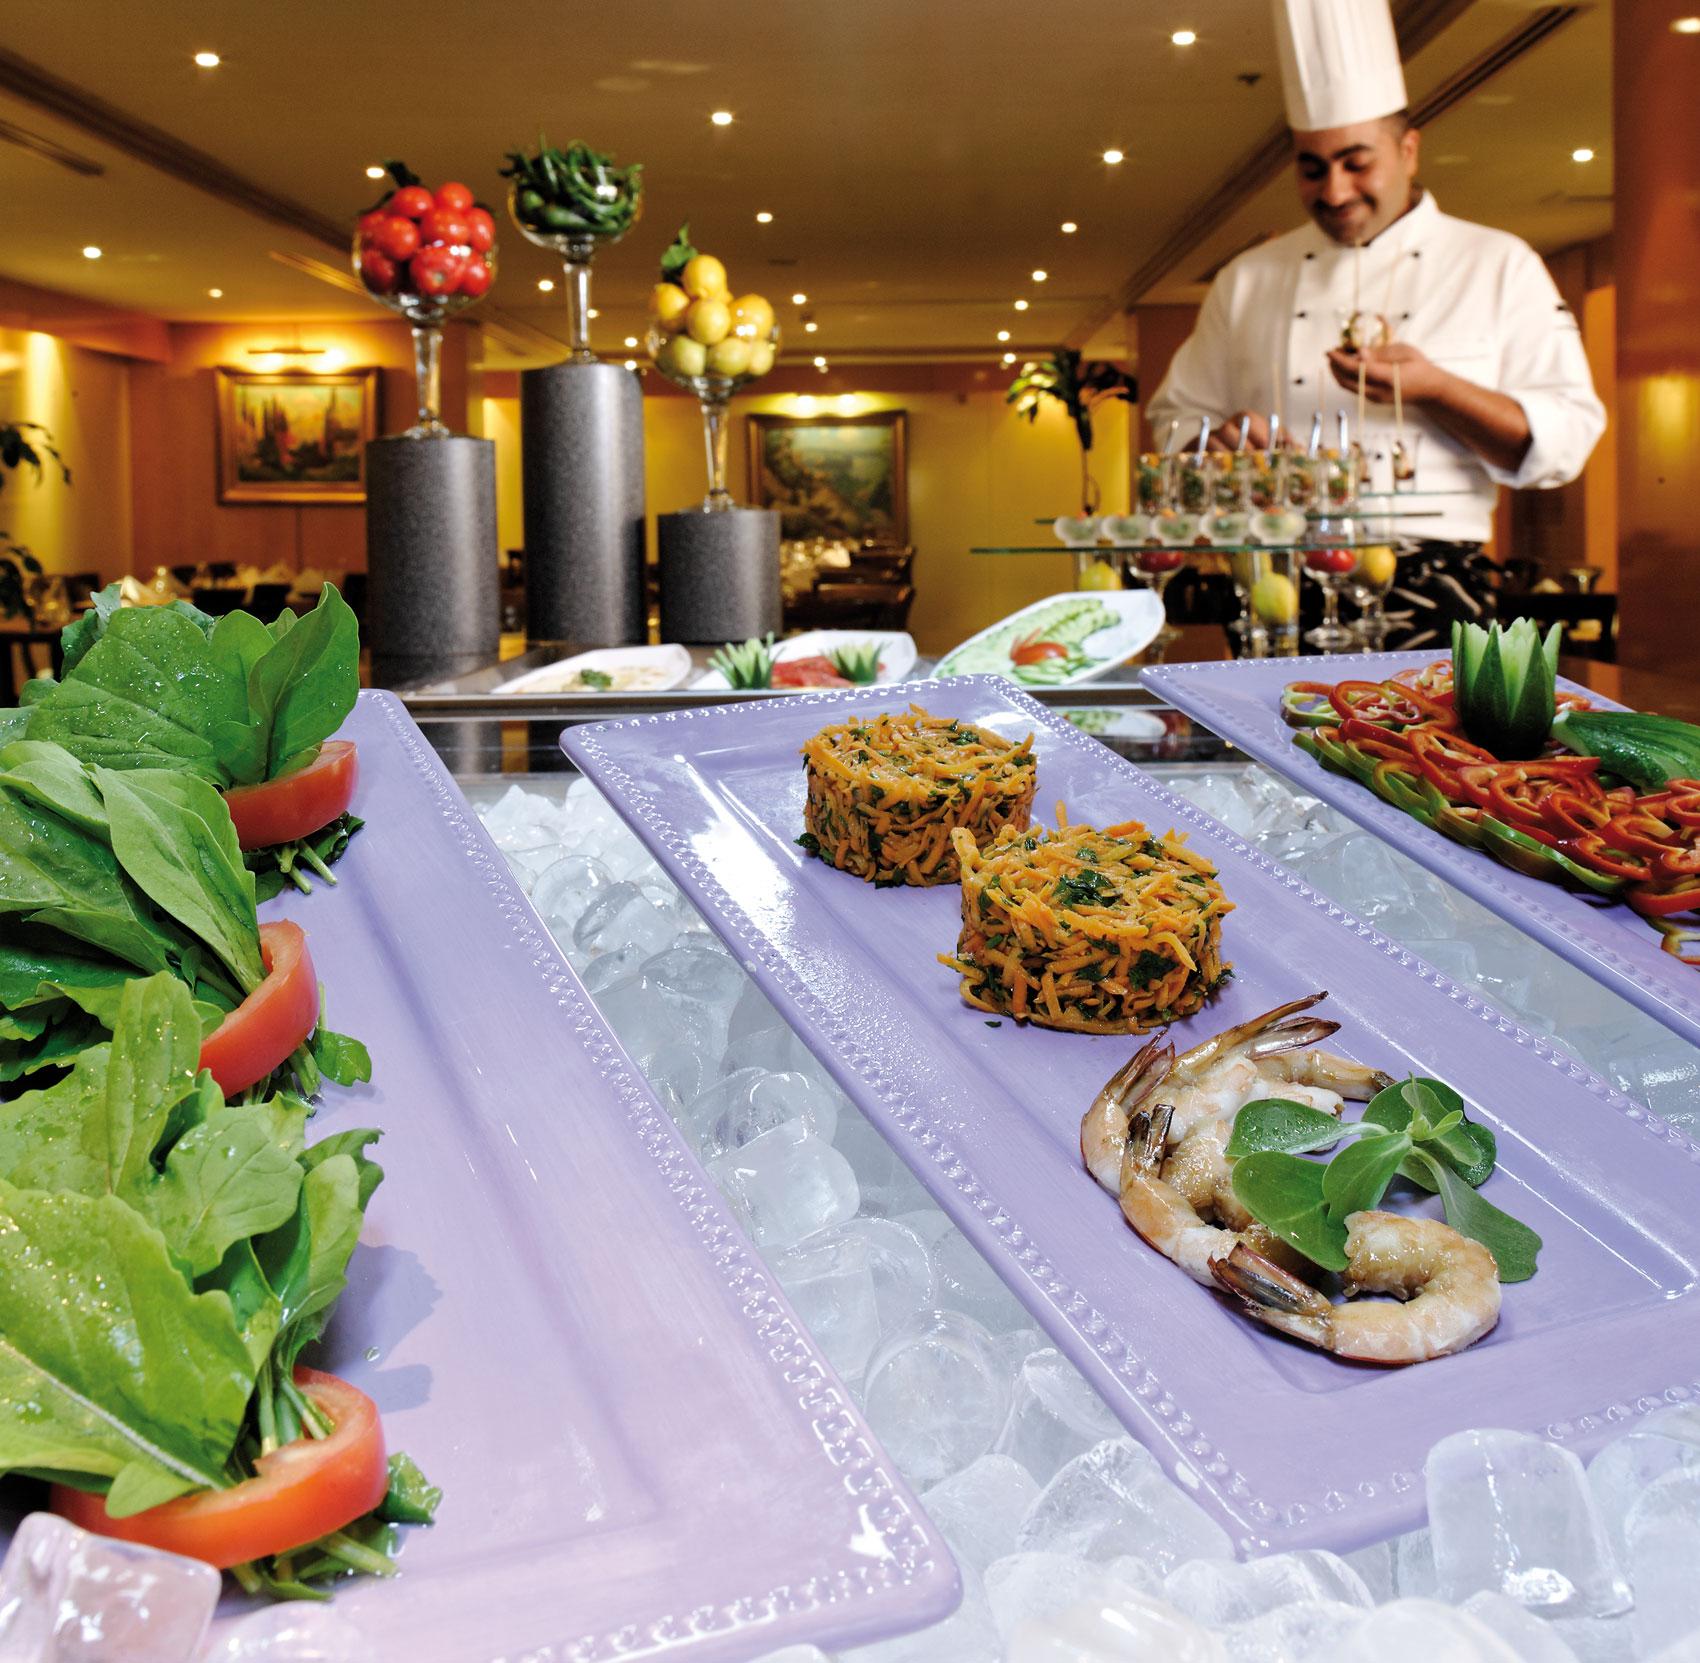 أفضل 10 مطاعم في المدينة المنورة